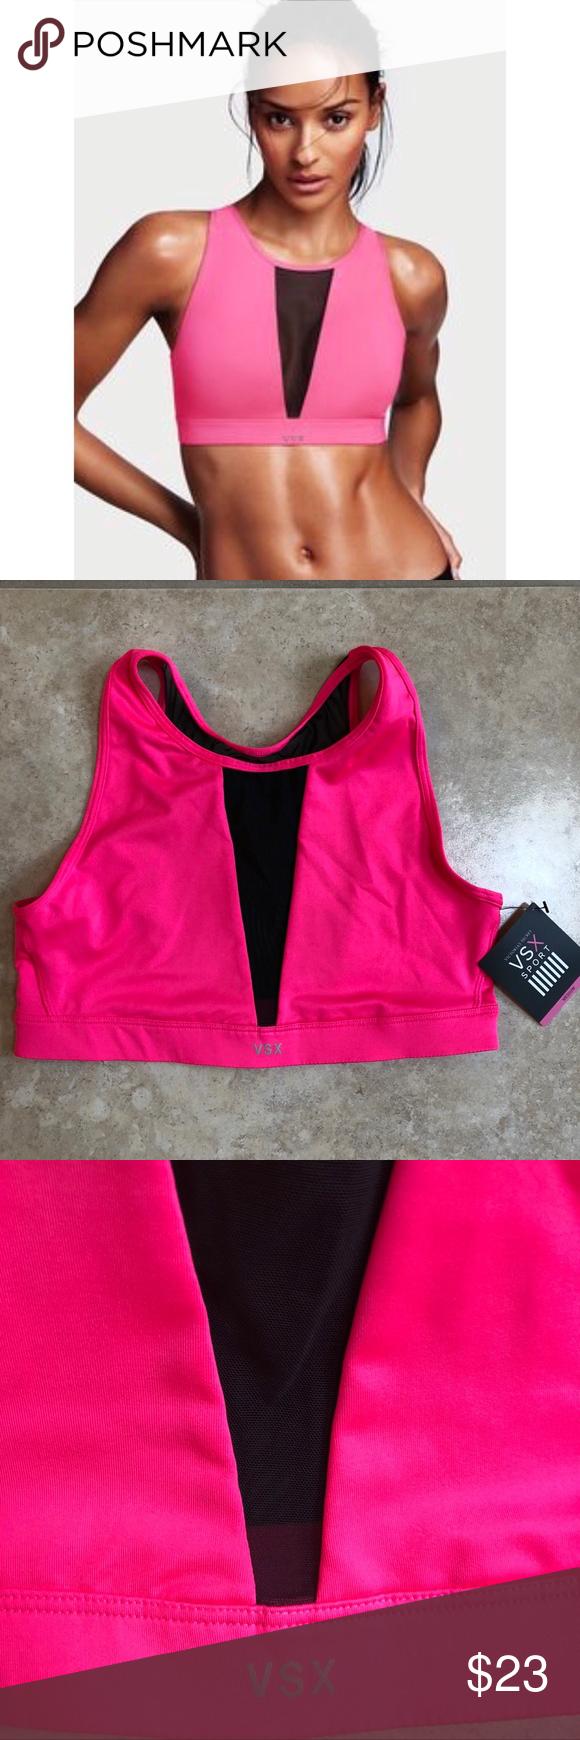 5060f22fb6 NWT Victoria s Secret VSX High Neck Mesh Sport Bra NWT Victoria s Secret  VSX Sport High Neck Mesh Sport Bra Medium Pink   Black Pink with black mesh  Size ...